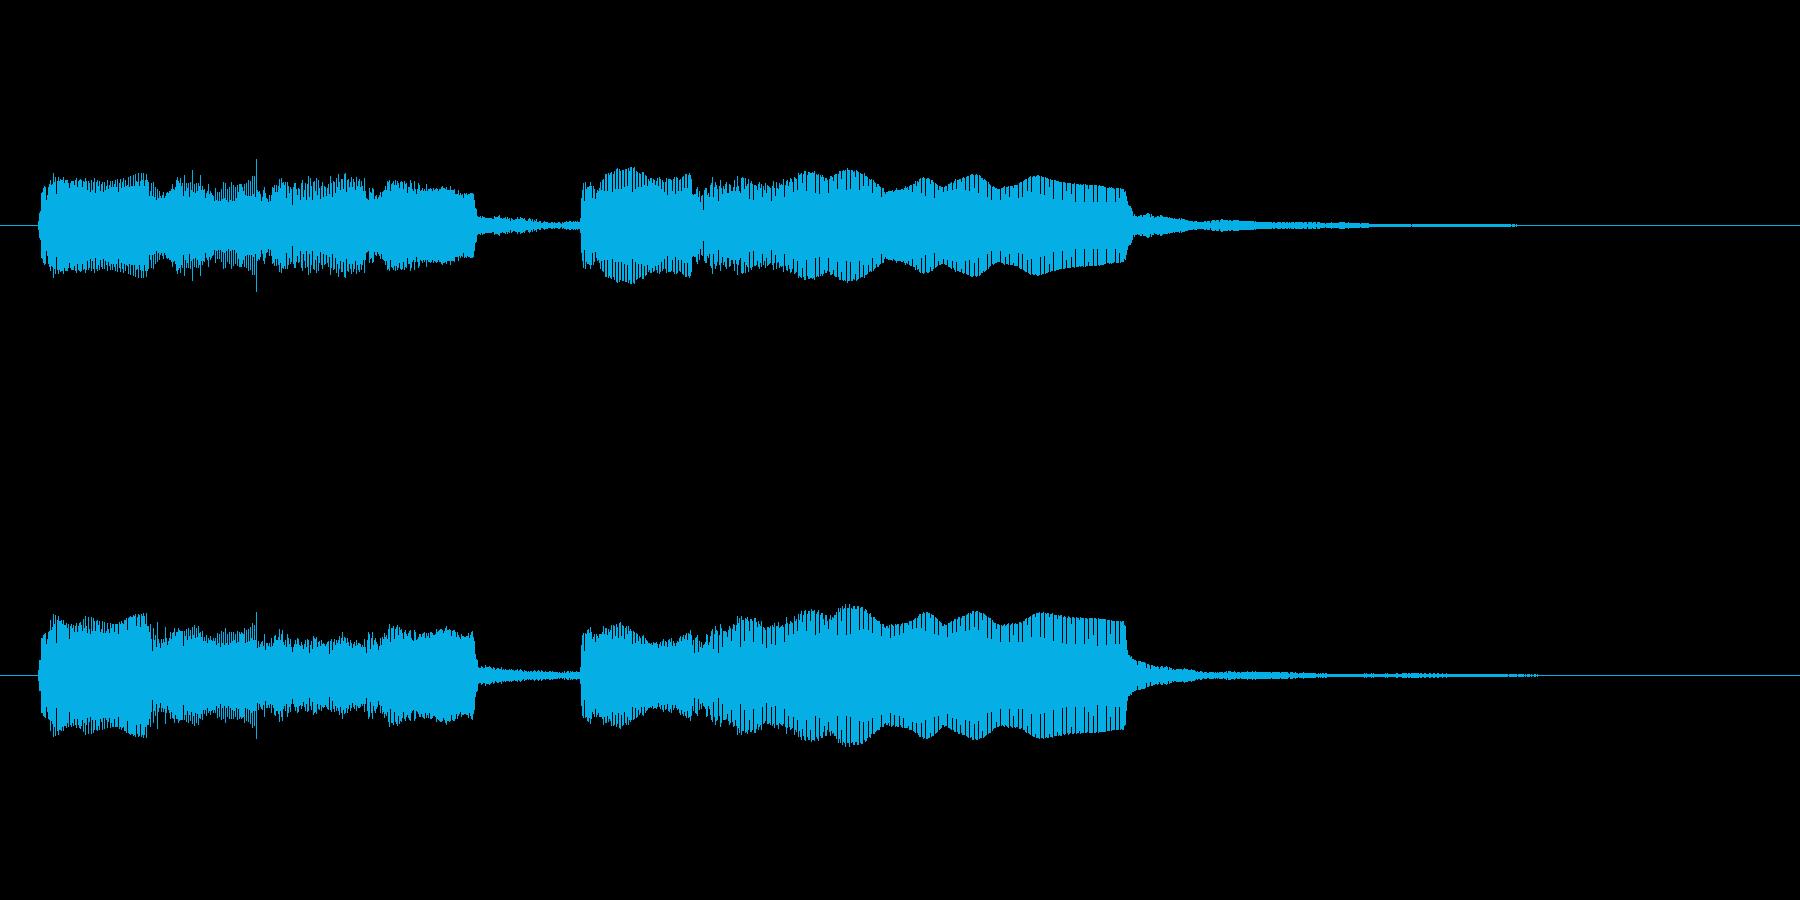 【フレーズ03-1】の再生済みの波形